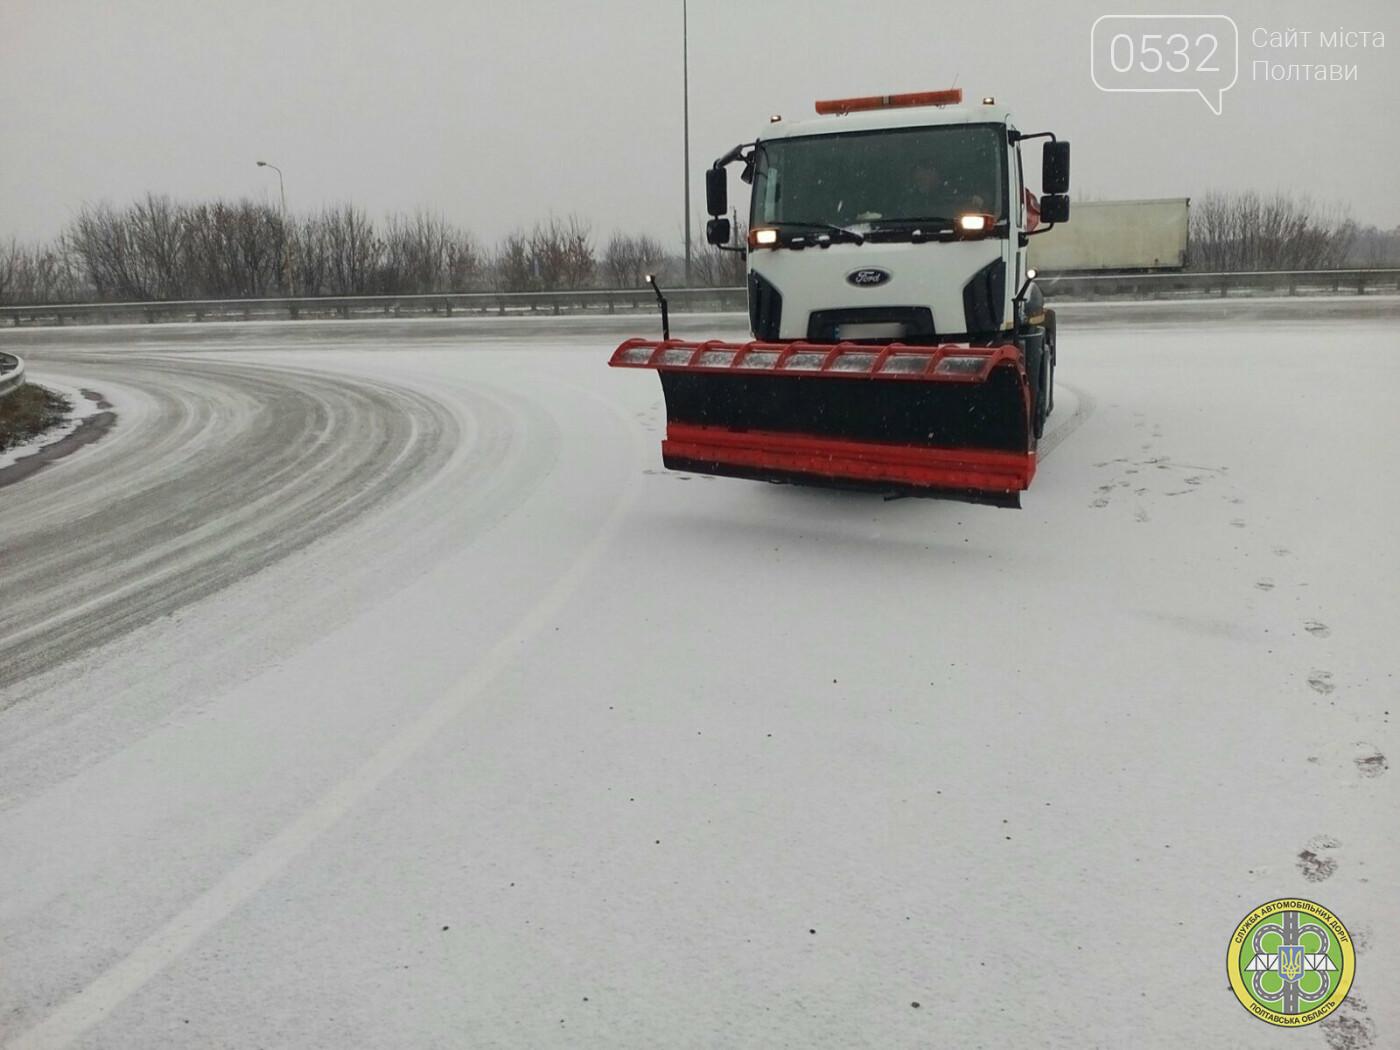 У зв'язку зі снігопадом на Полтавщині почали чистити автодороги , фото-2